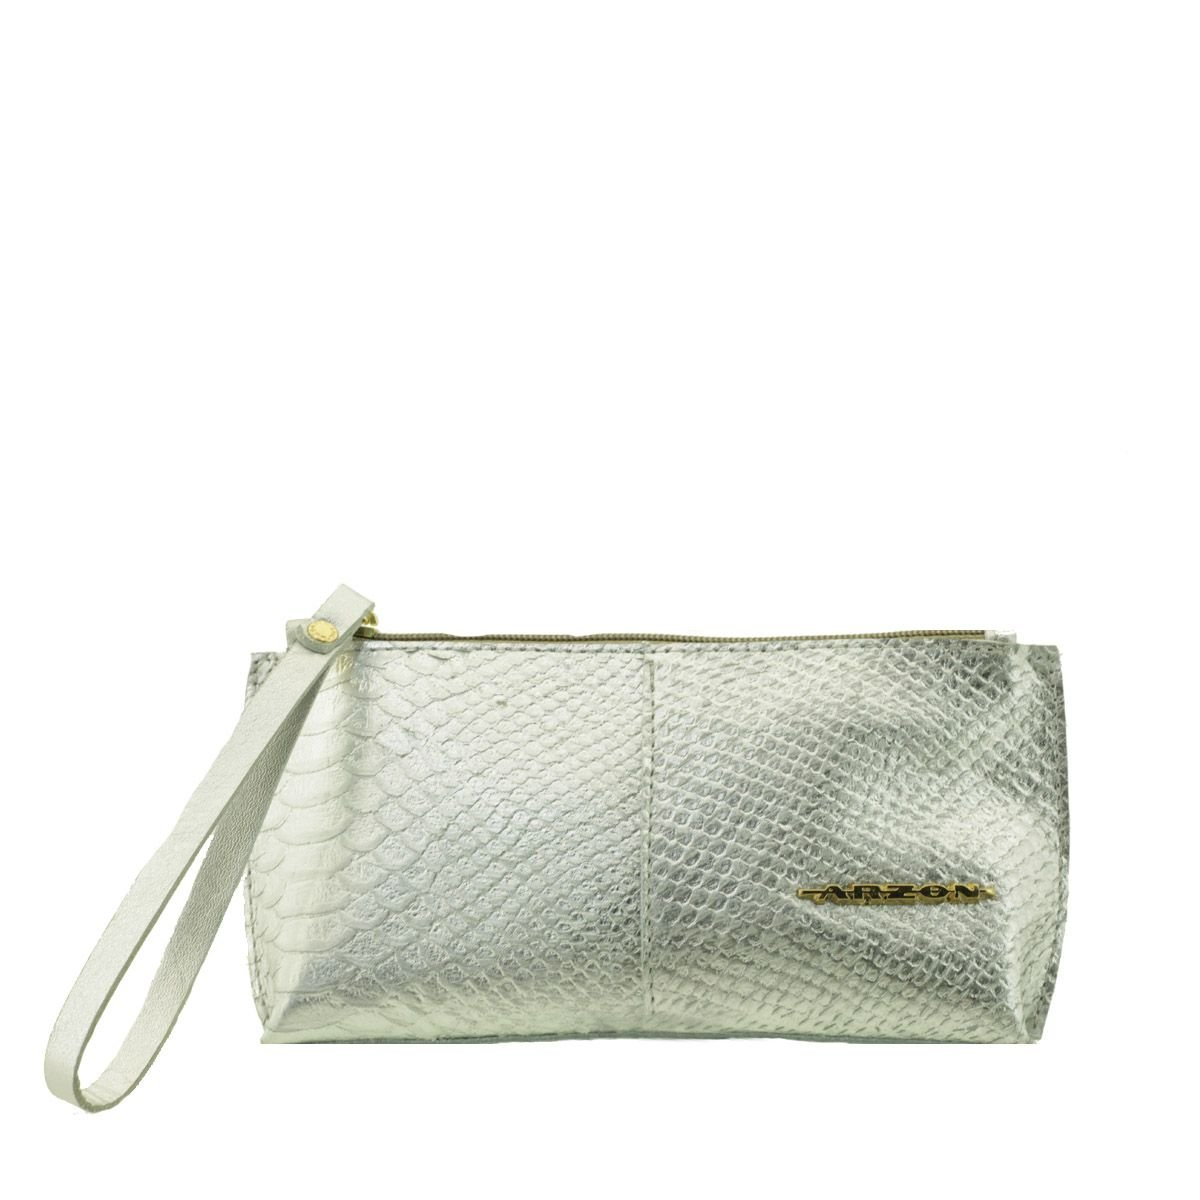 Bolsa de mão ou Necessaire com alça Prata Serpente